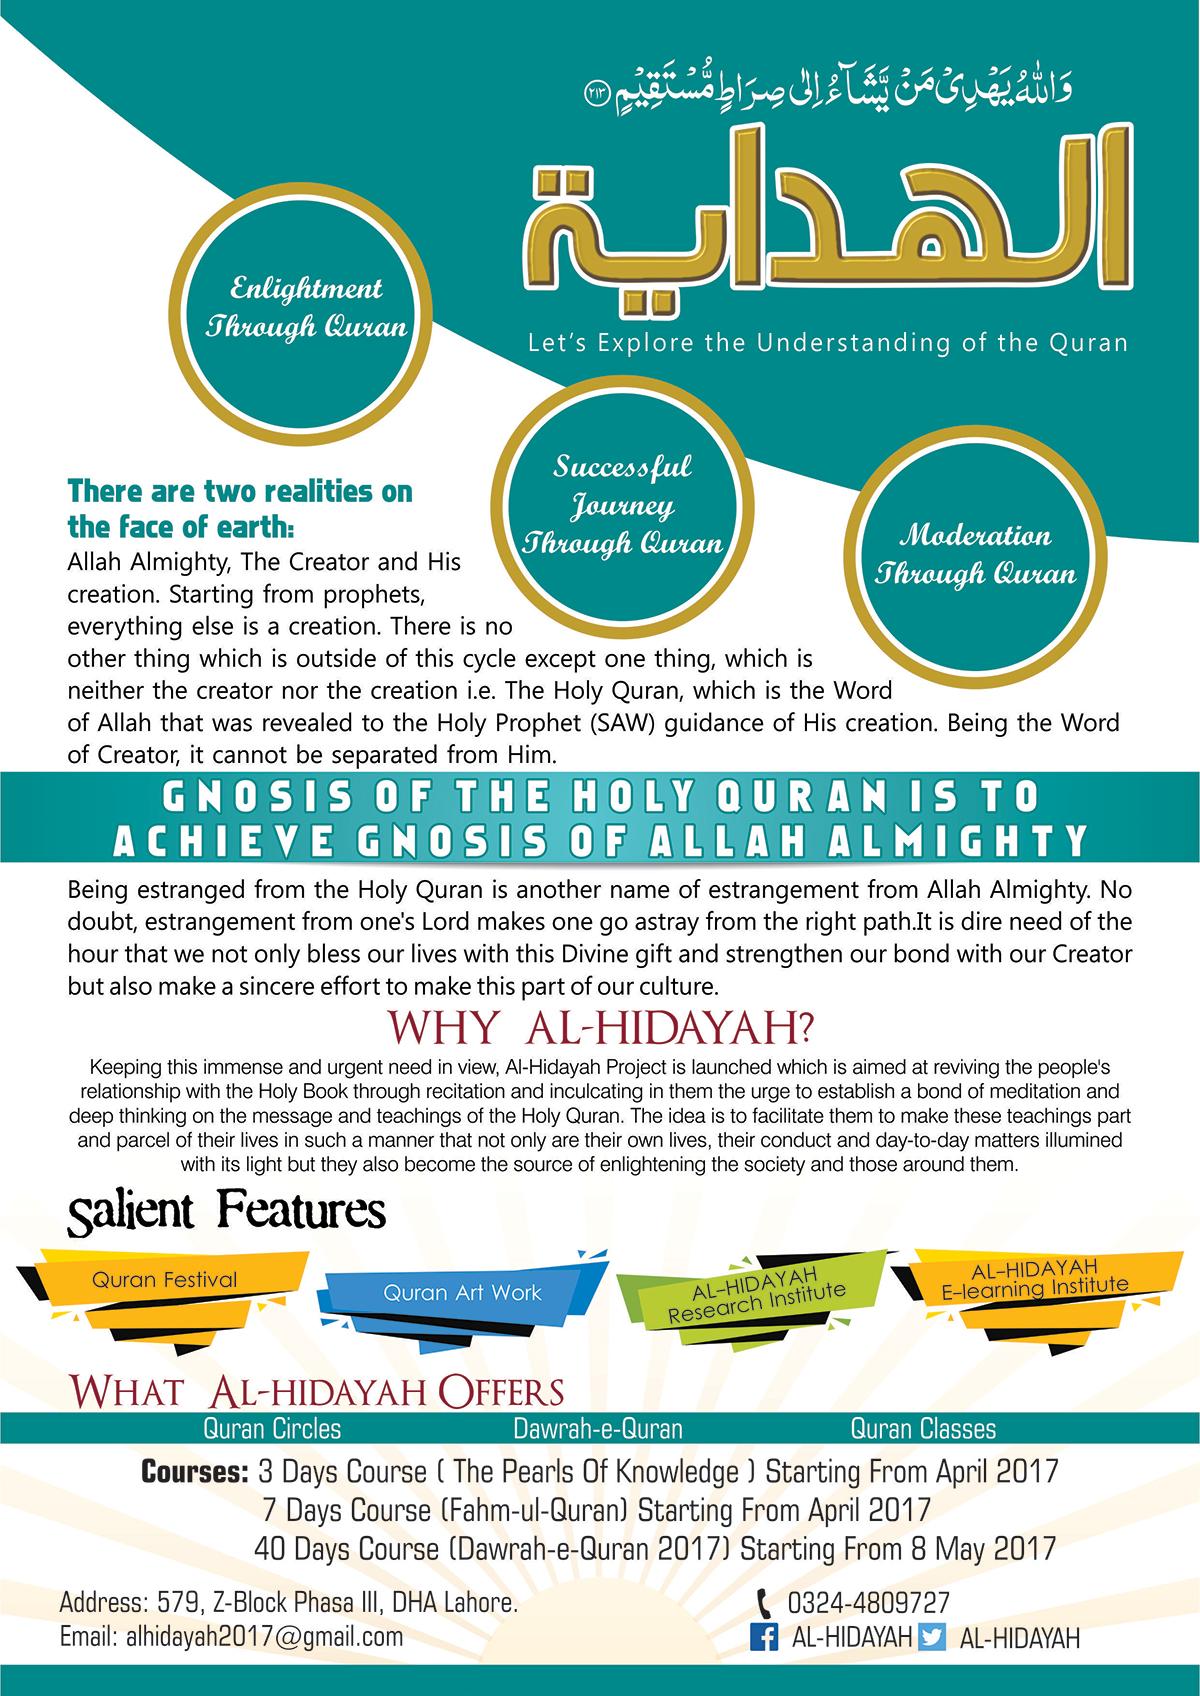 AL-HIDAYAH - Minhaj-ul-Quran